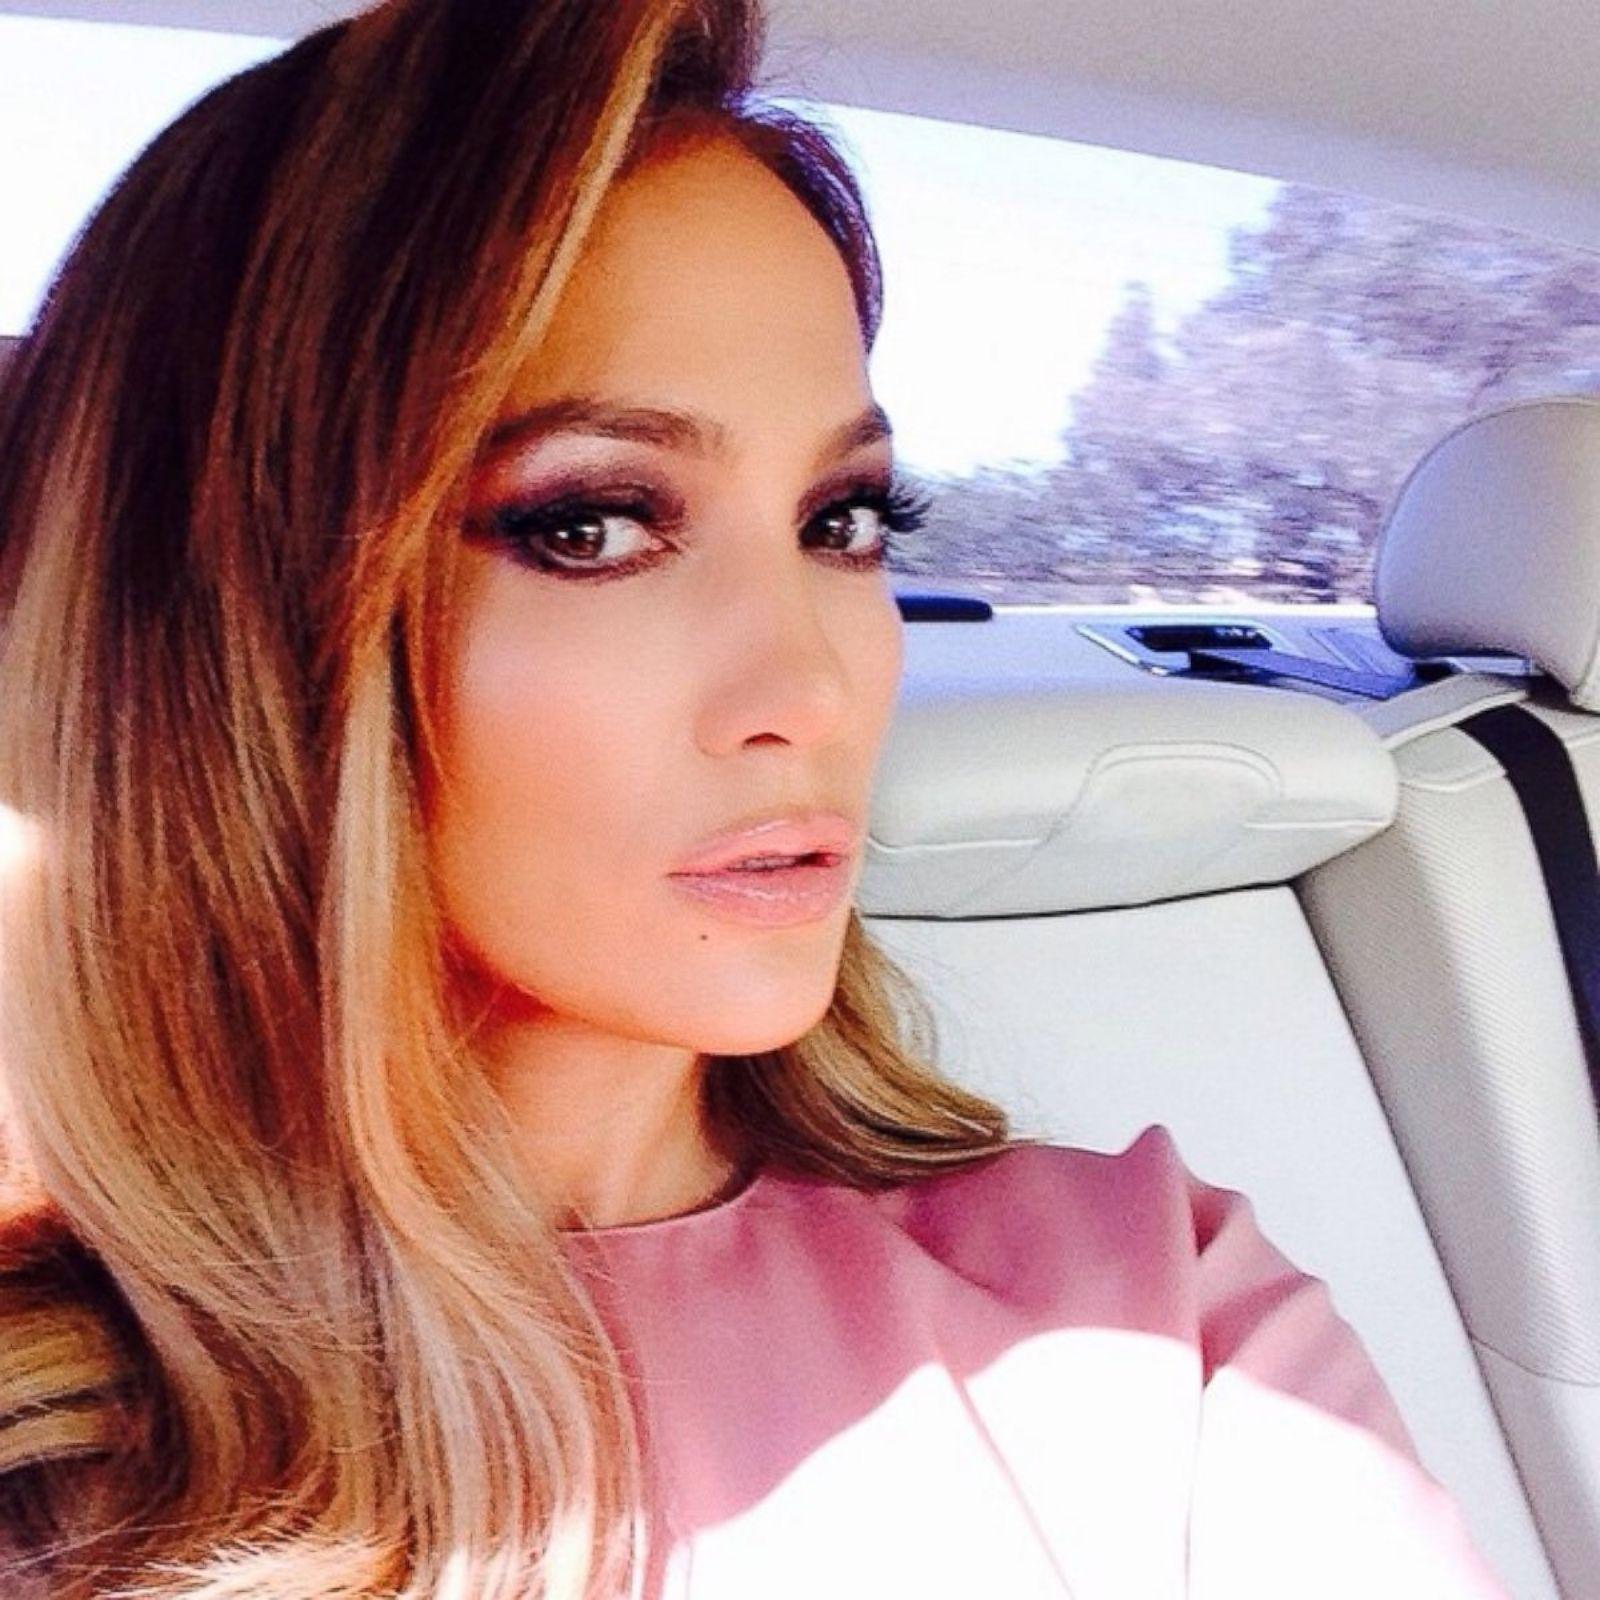 Selfie Jennifer Lopeza nude photos 2019